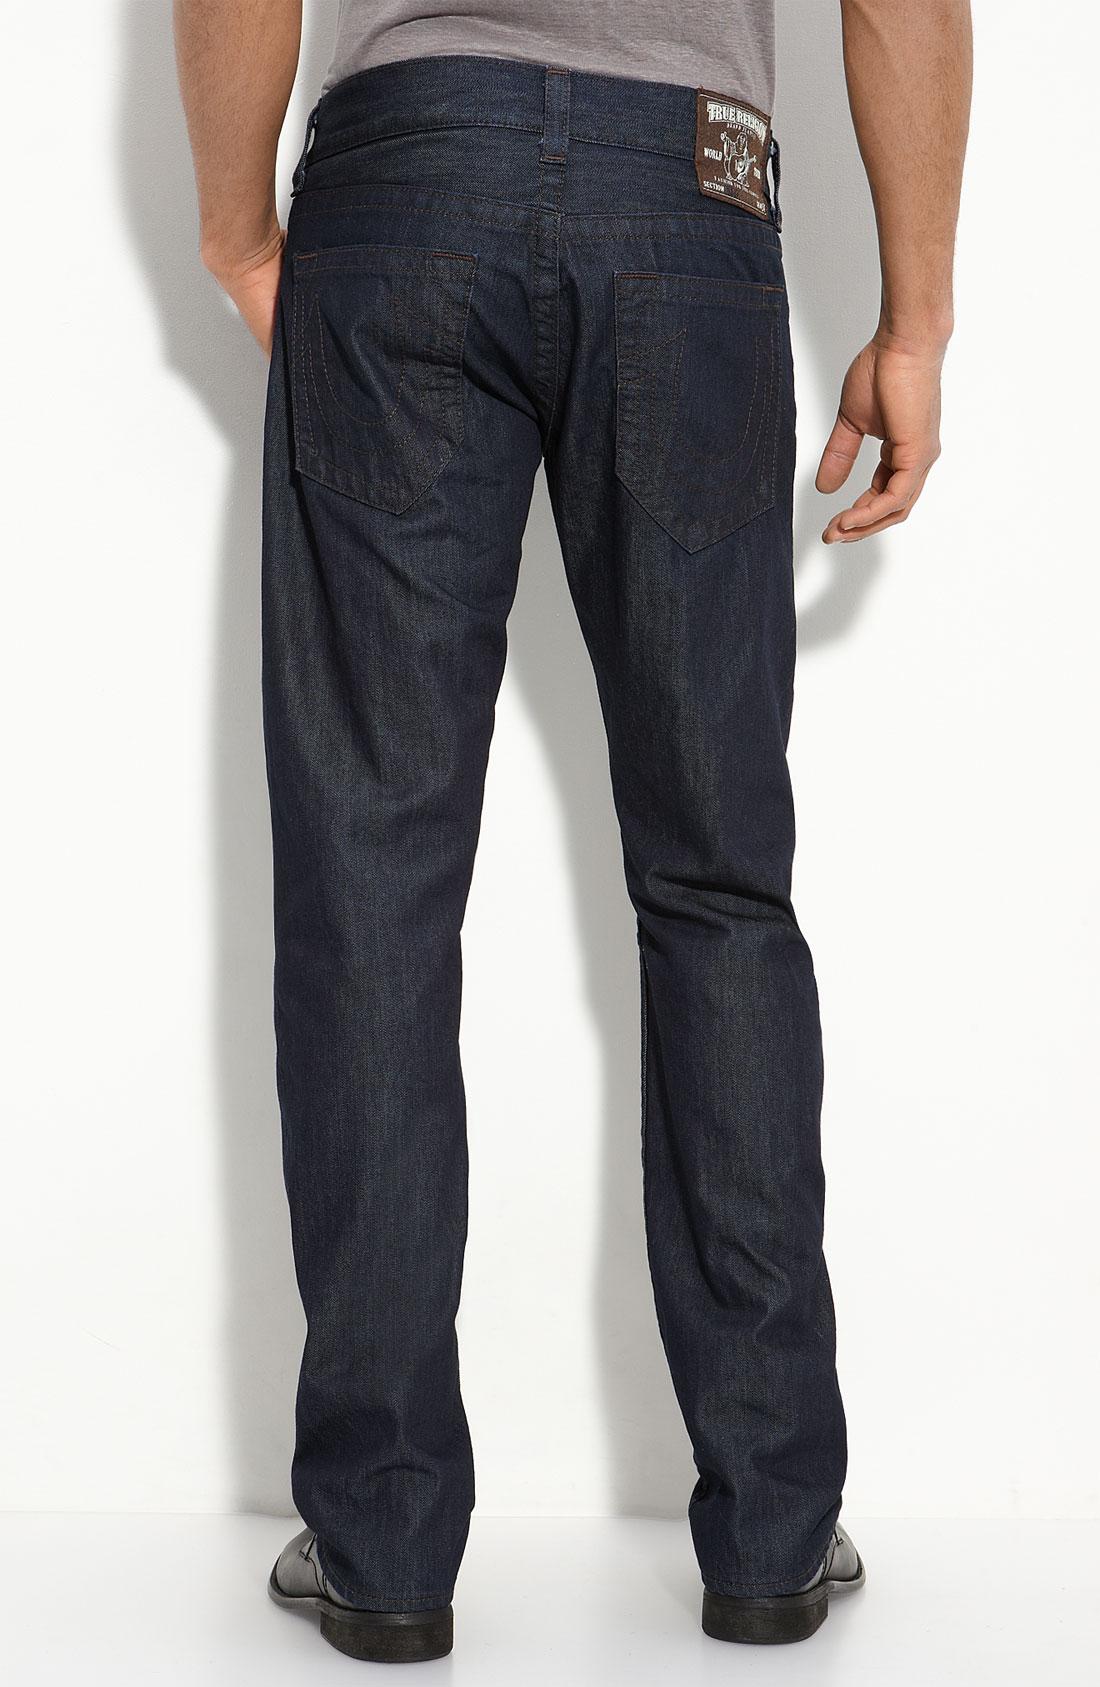 True Religion Bobby Straight Leg Jeans (bodyrinse Wash) in ...